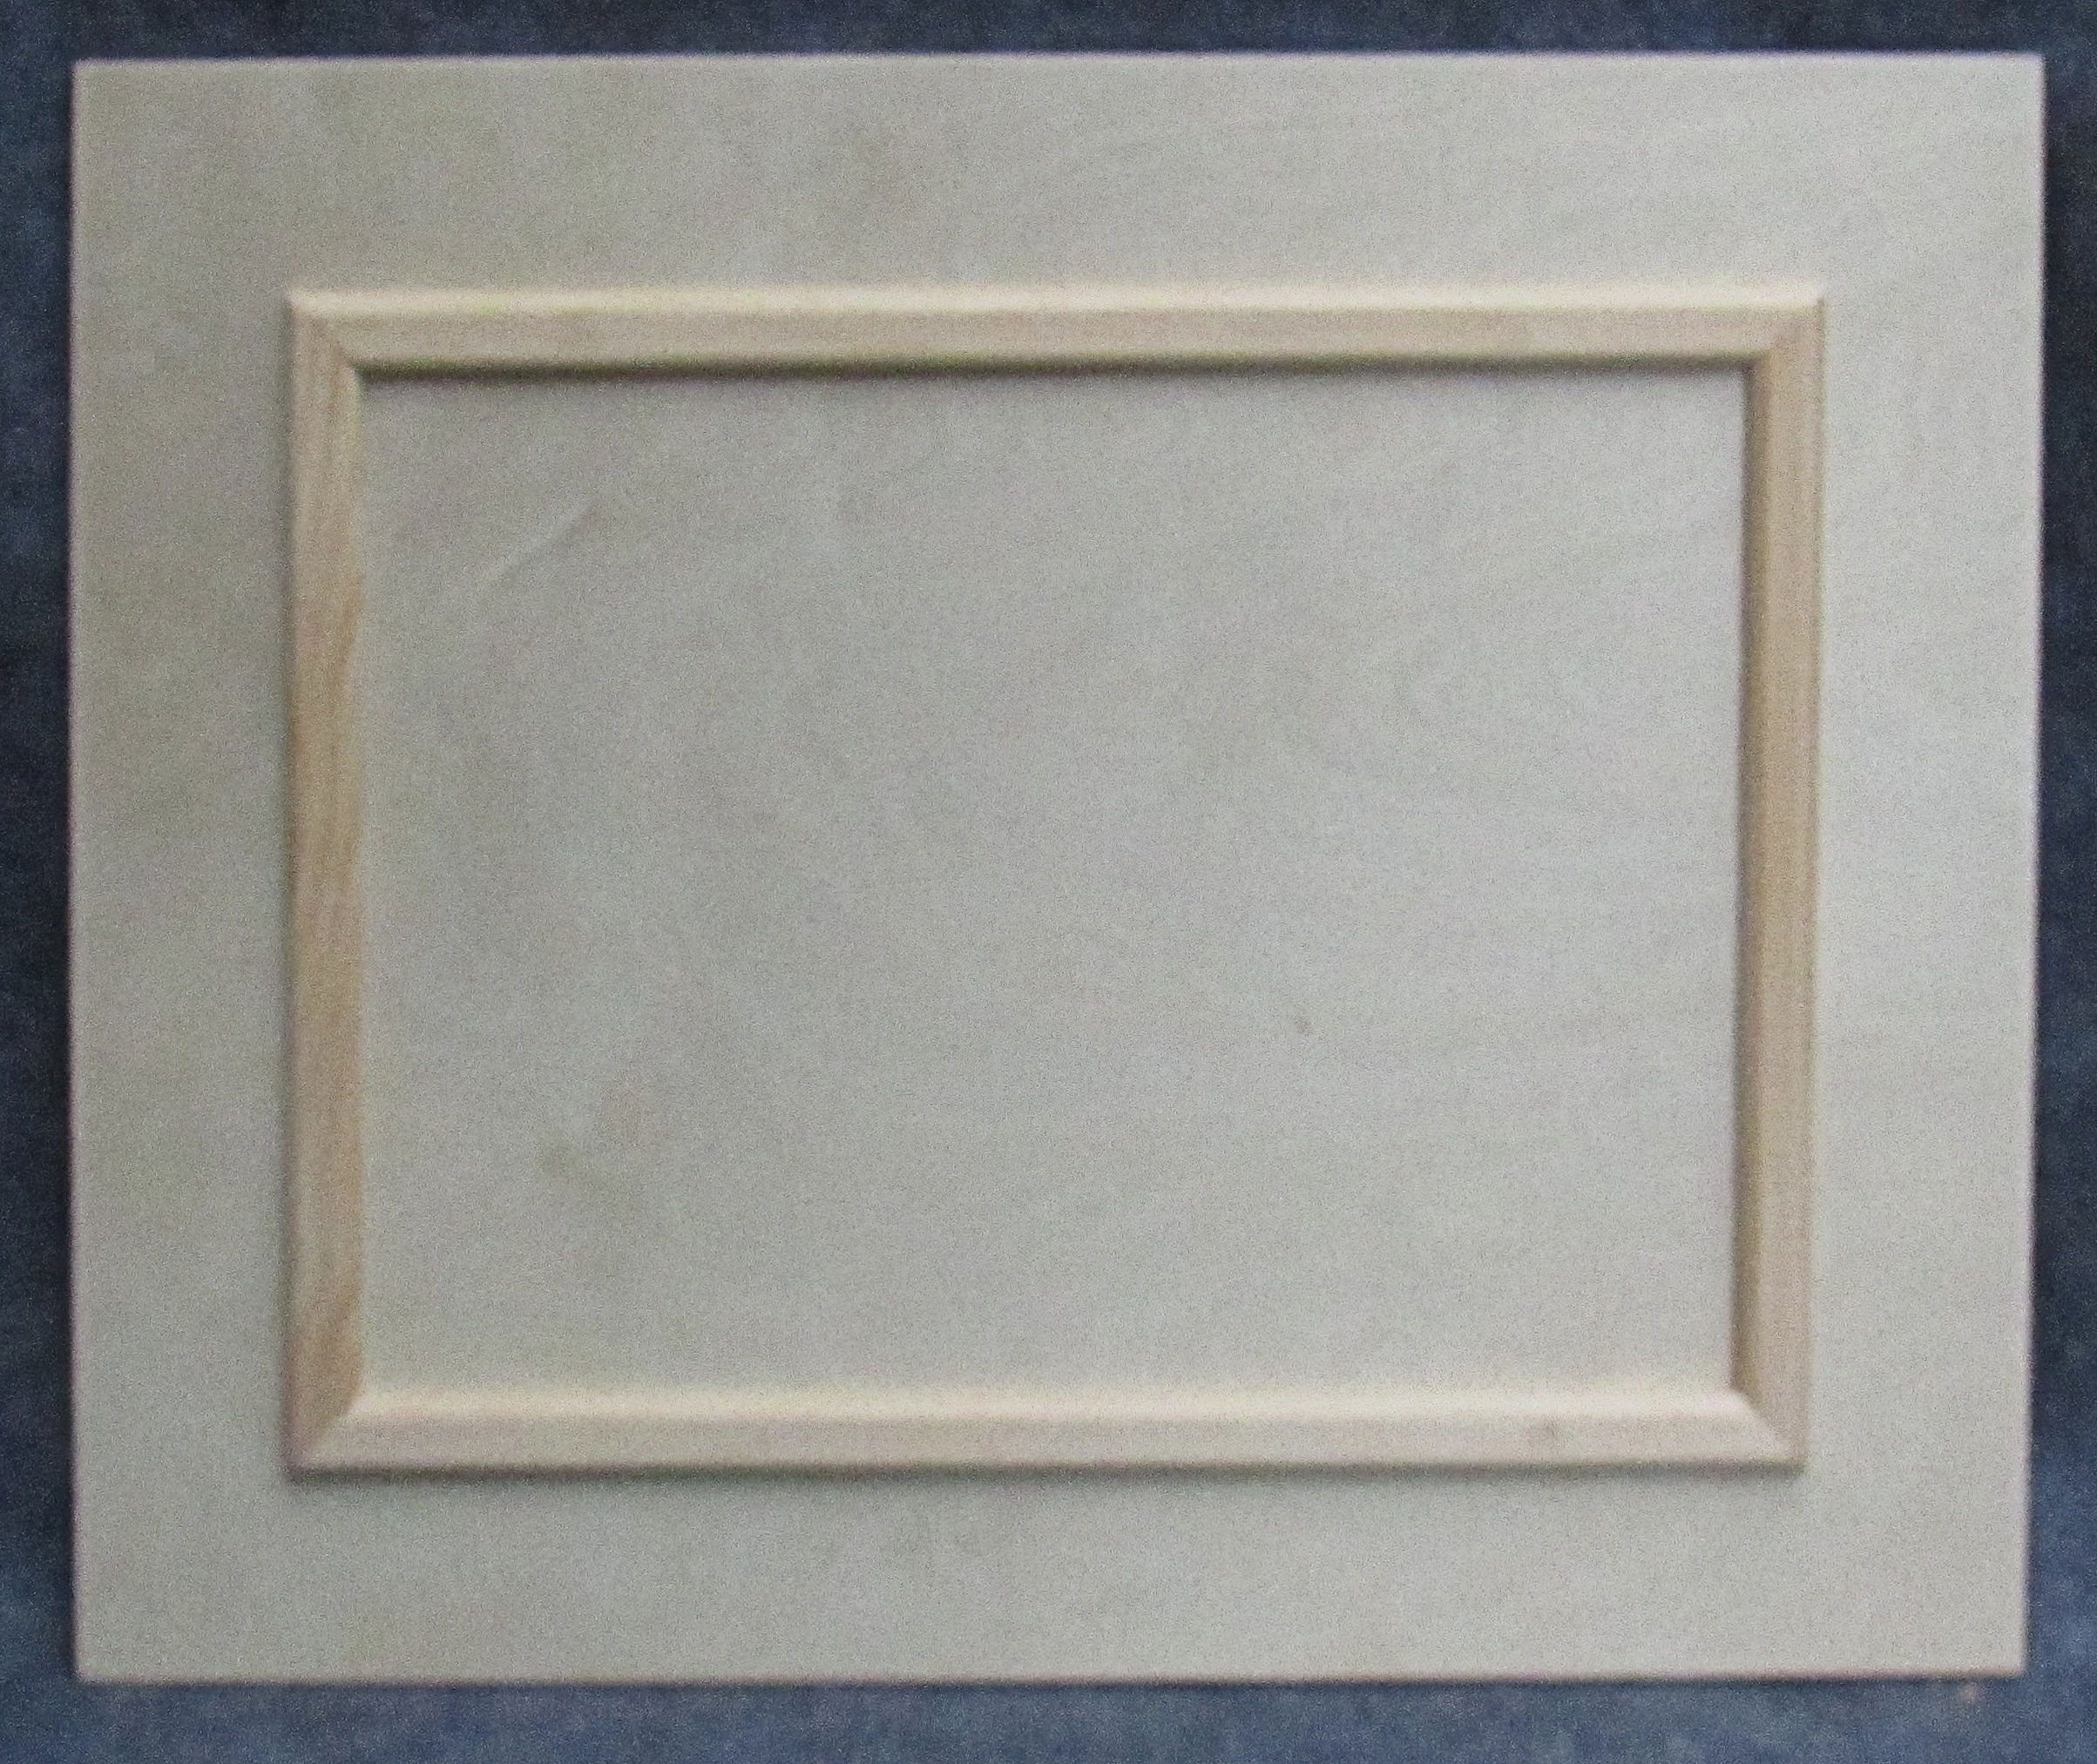 wood-frame-20-x16-or-16-x-13.jpg